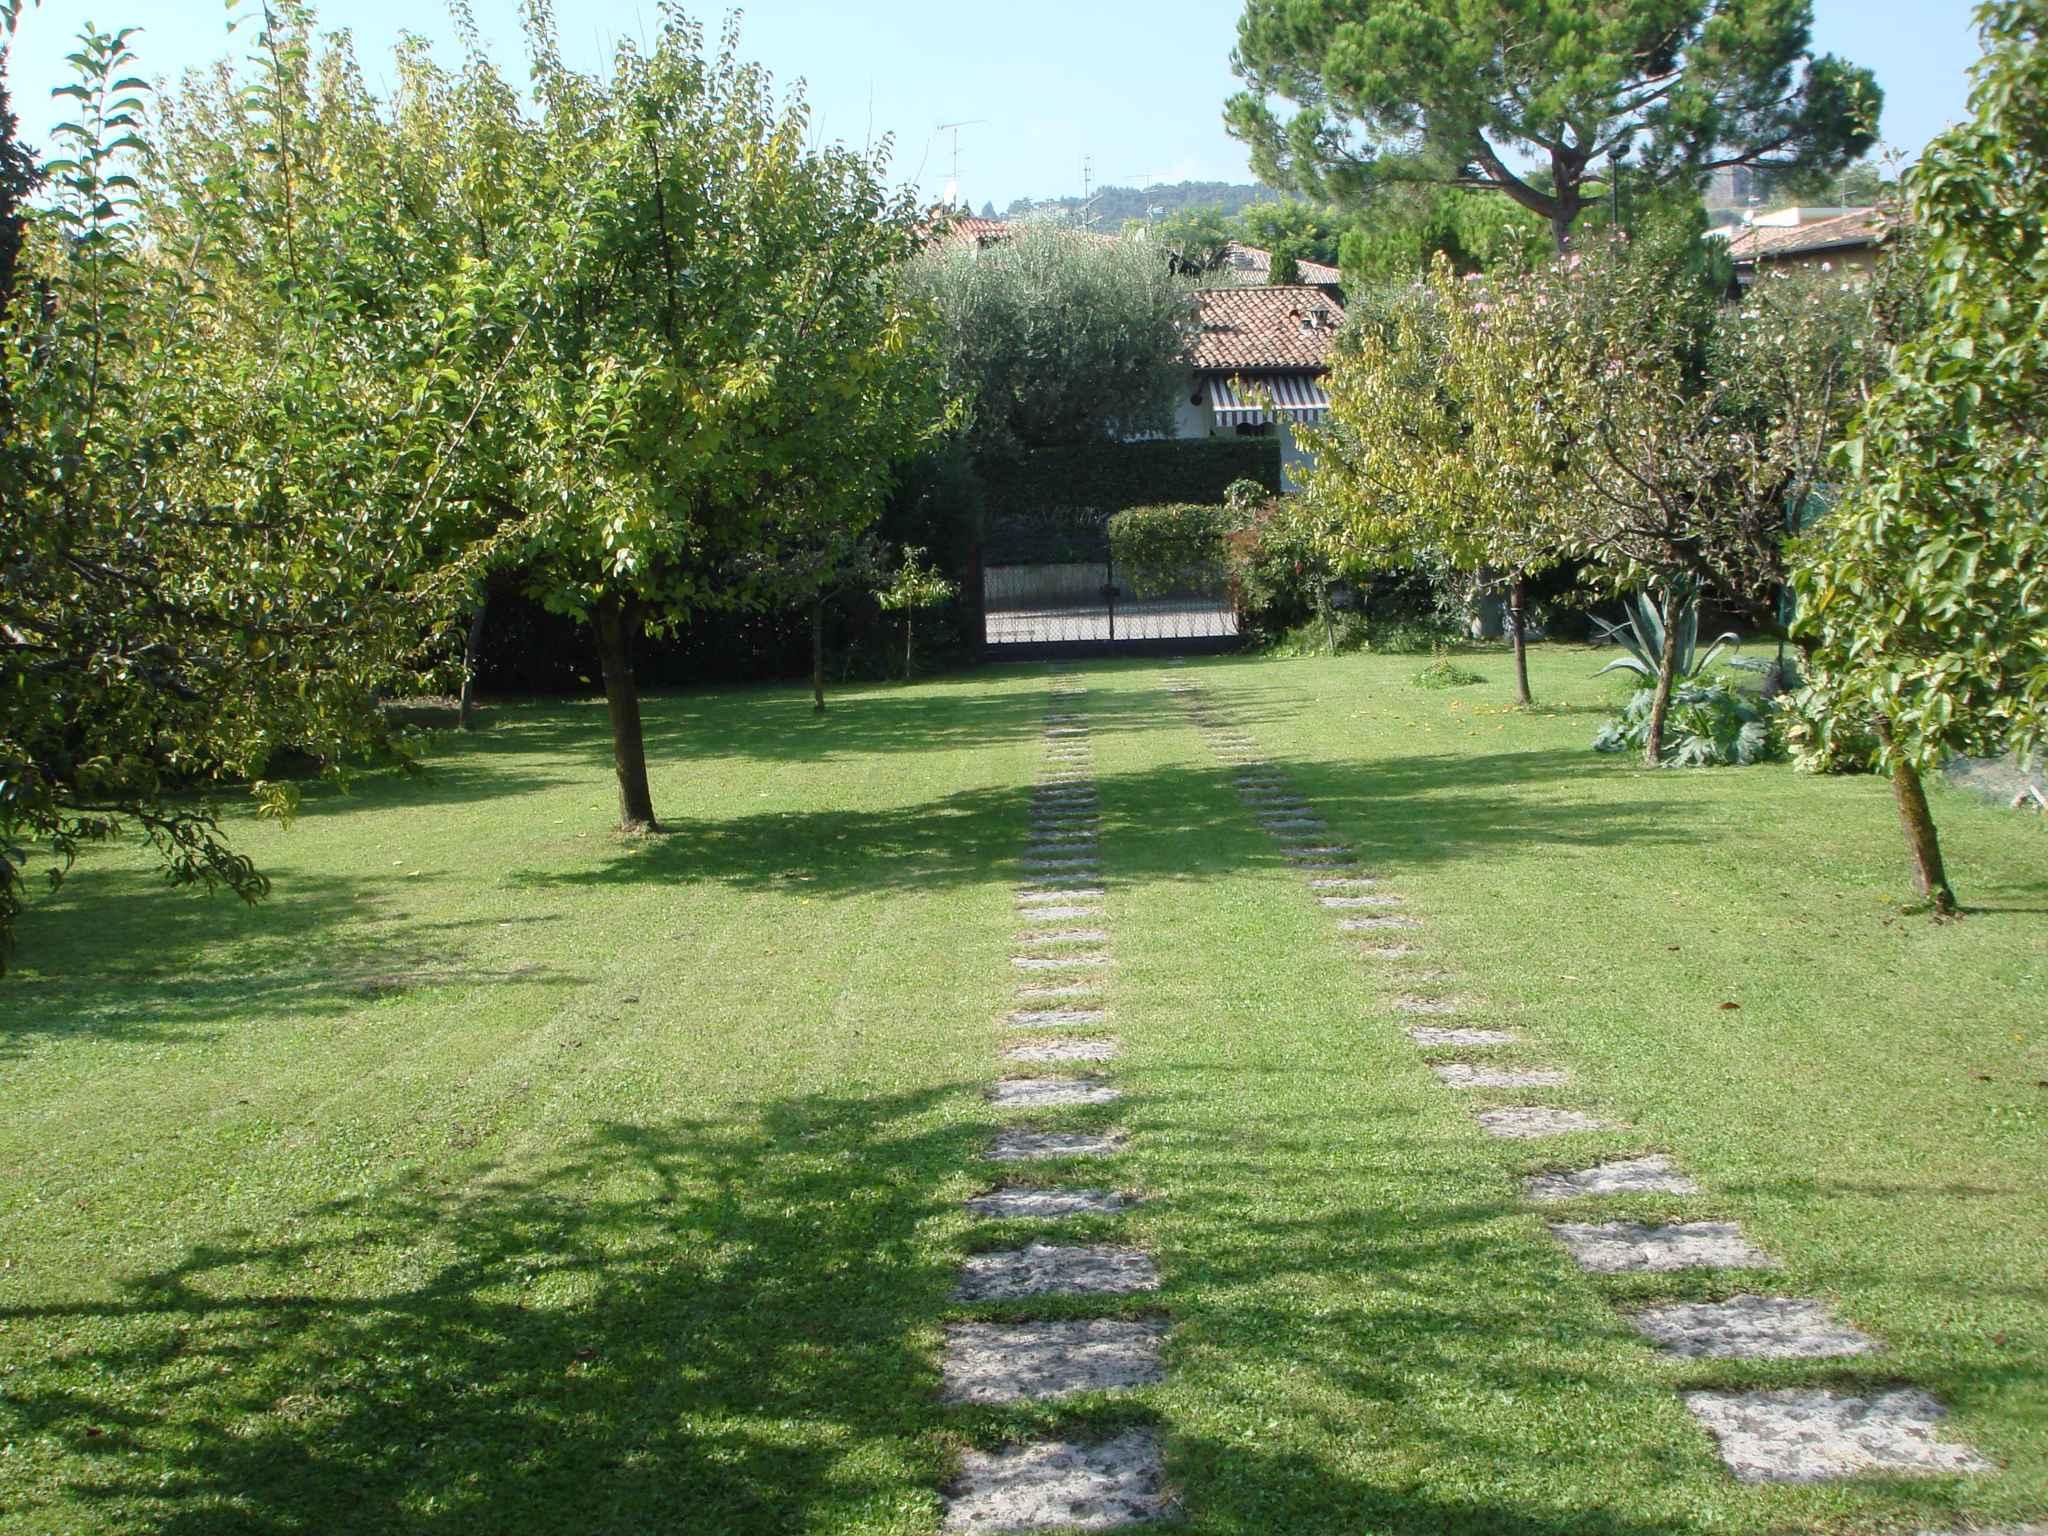 Ferienwohnung 400 m vom See mit Garten und Grill (1670470), Padenghe sul Garda, Gardasee, Lombardei, Italien, Bild 2